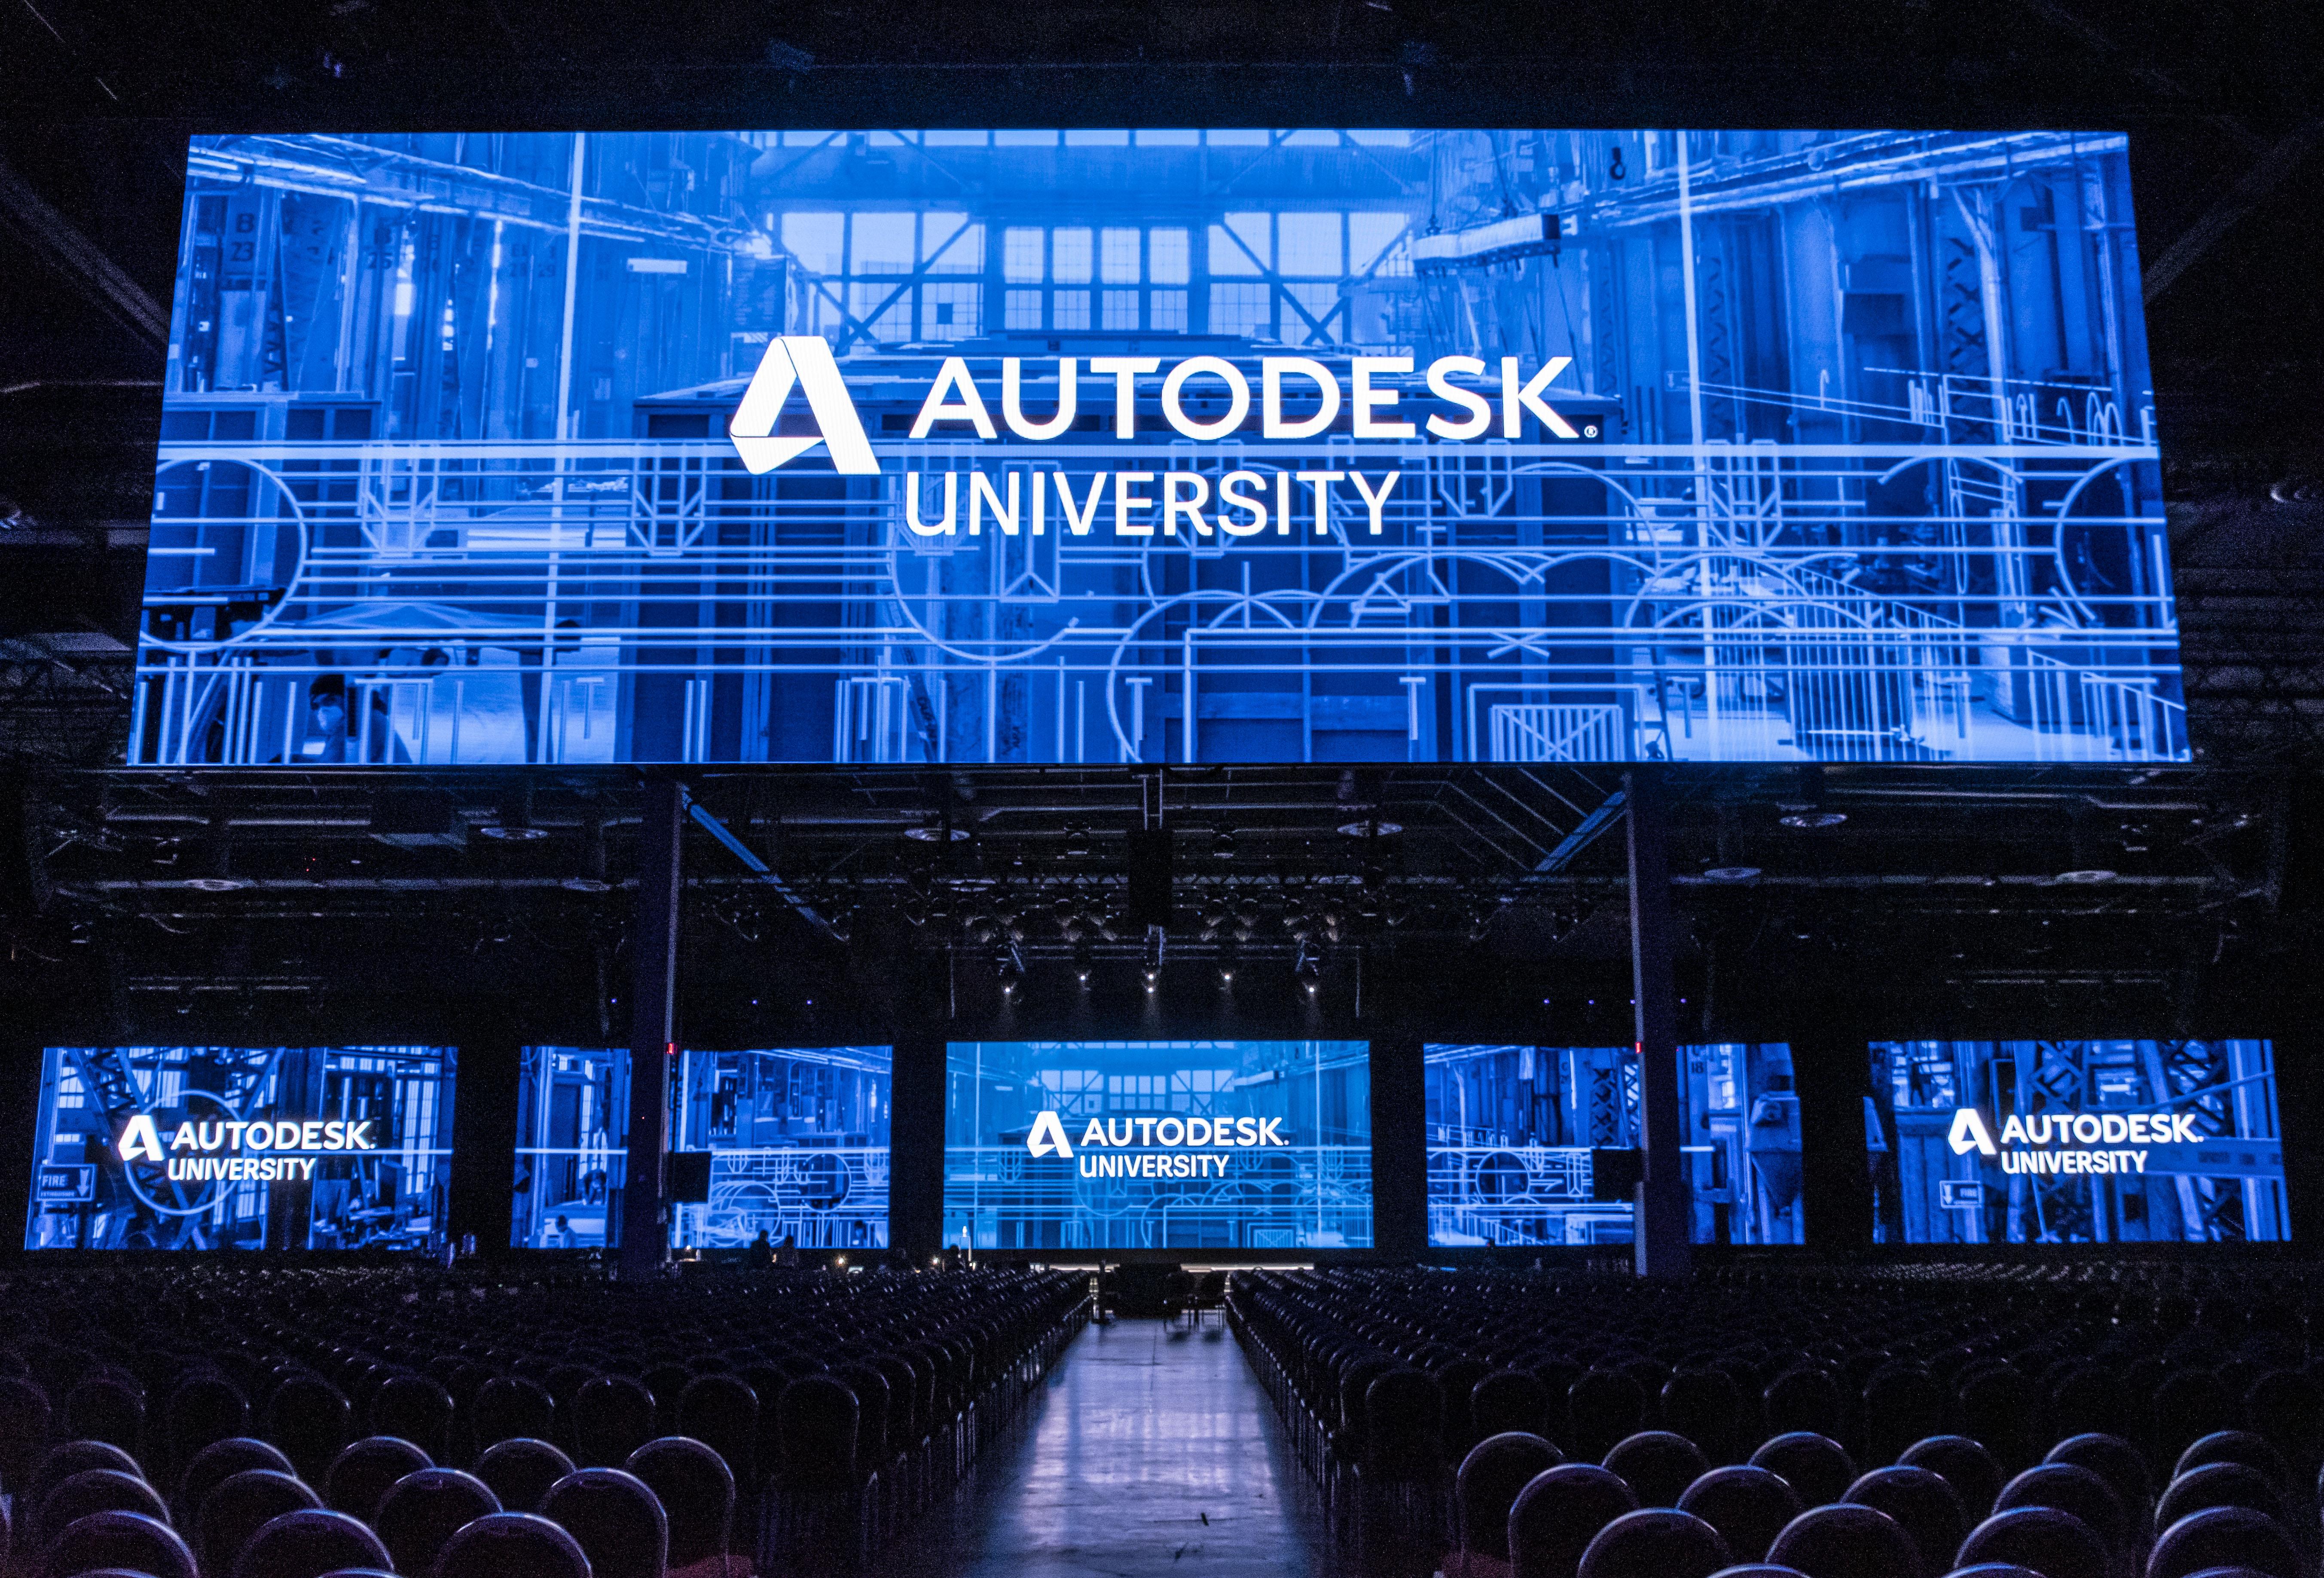 Imagem do cabeçalho da Autodesk